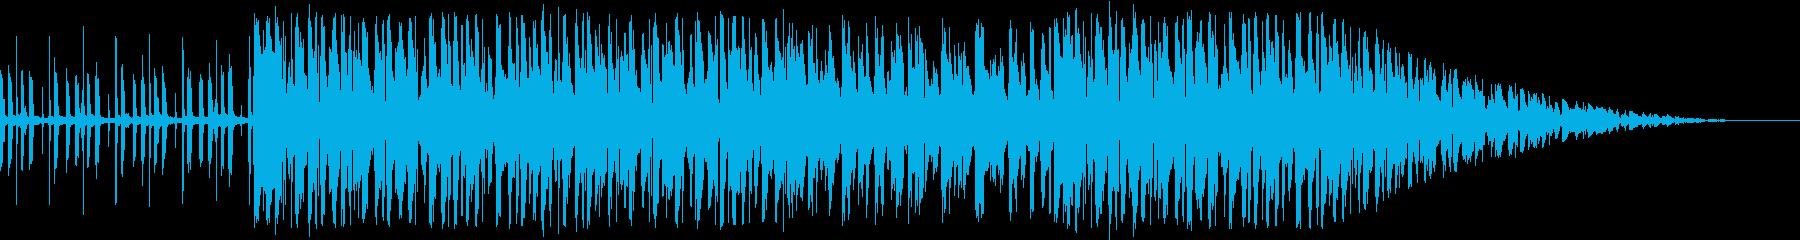 クールなLOFI -BEATの再生済みの波形